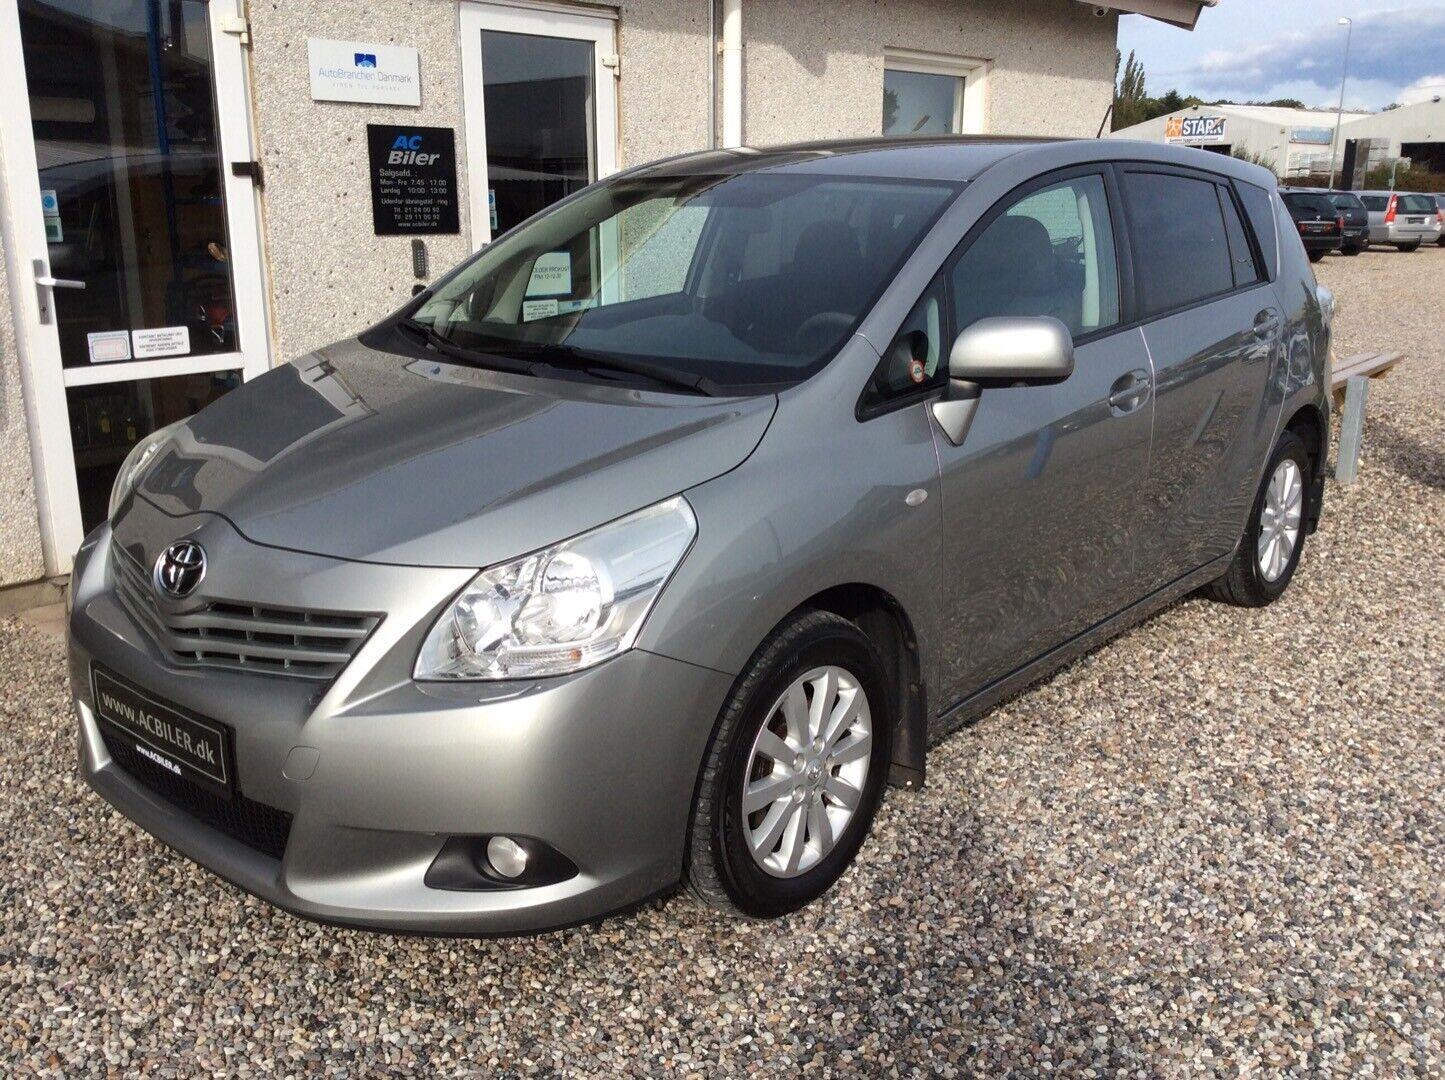 Toyota Verso 2,0 D-4D TX 7prs 5d - 129.900 kr.